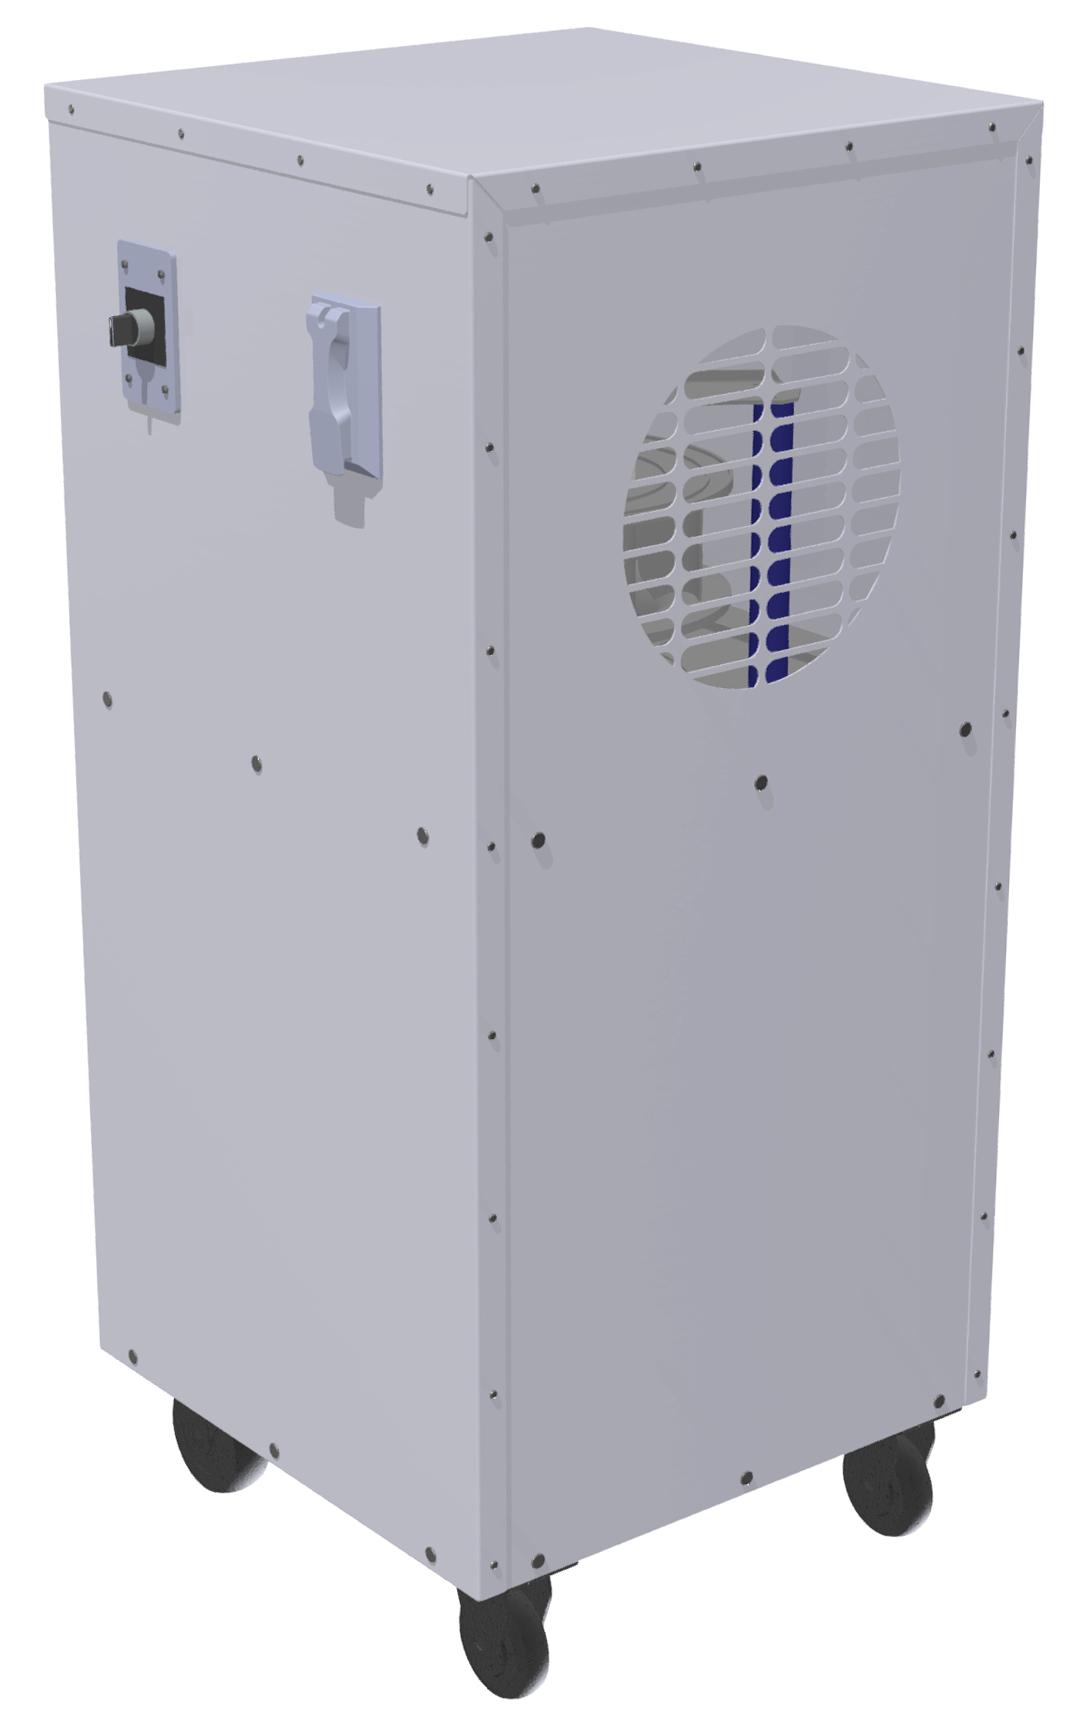 Portable HEPA Filter Fans - BKL PHF 250 110 1 1